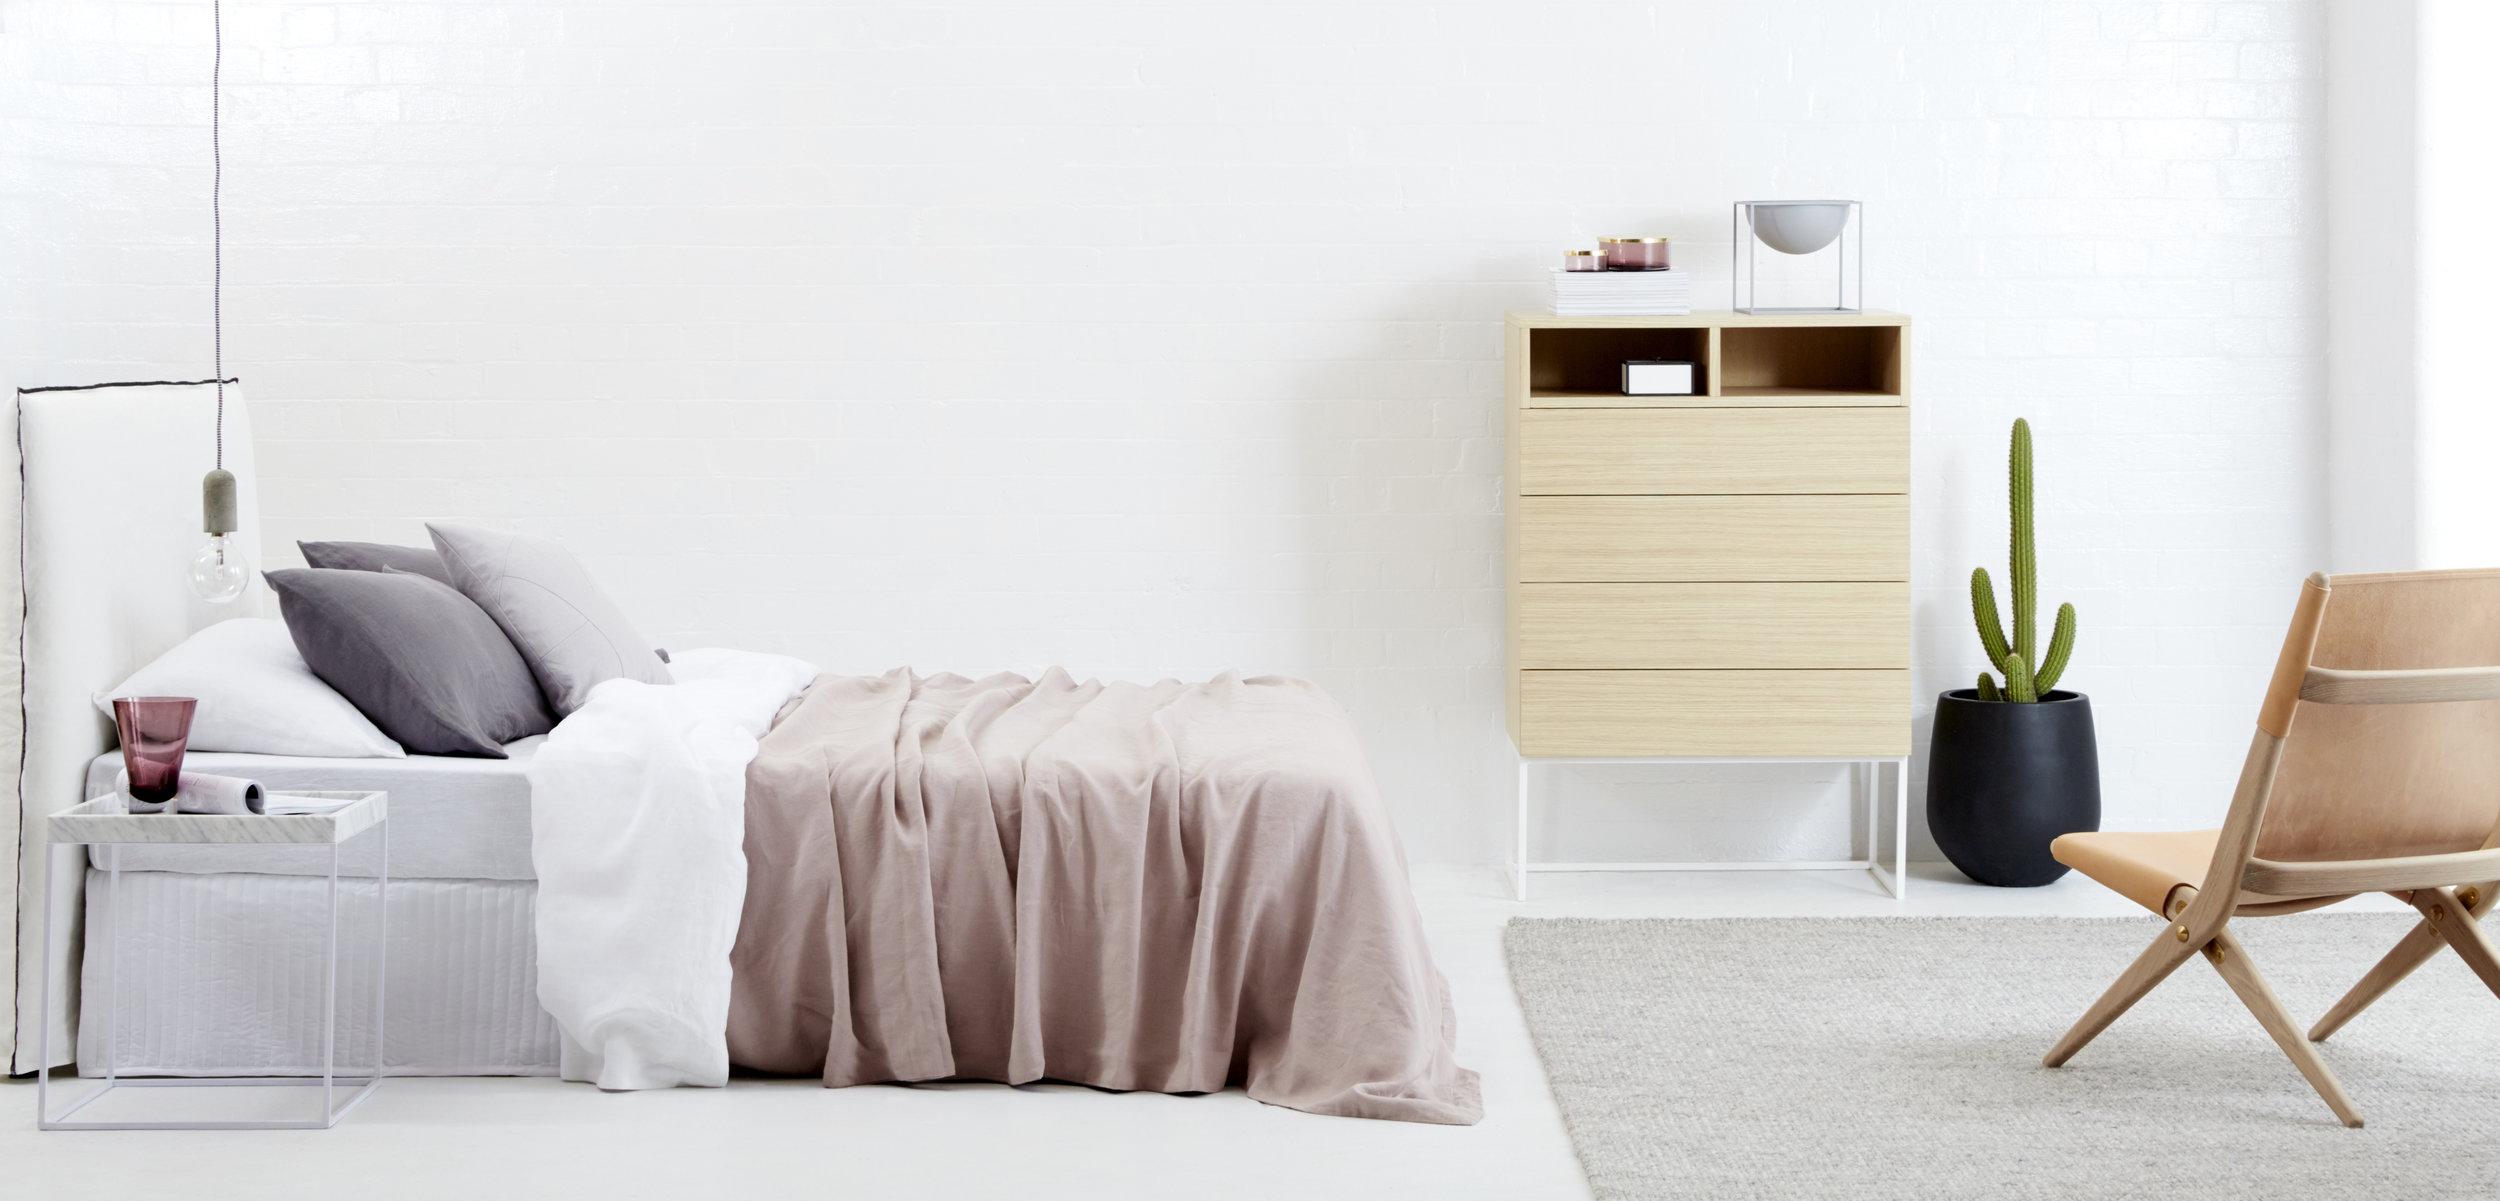 Bedroom Heroshot light.jpg